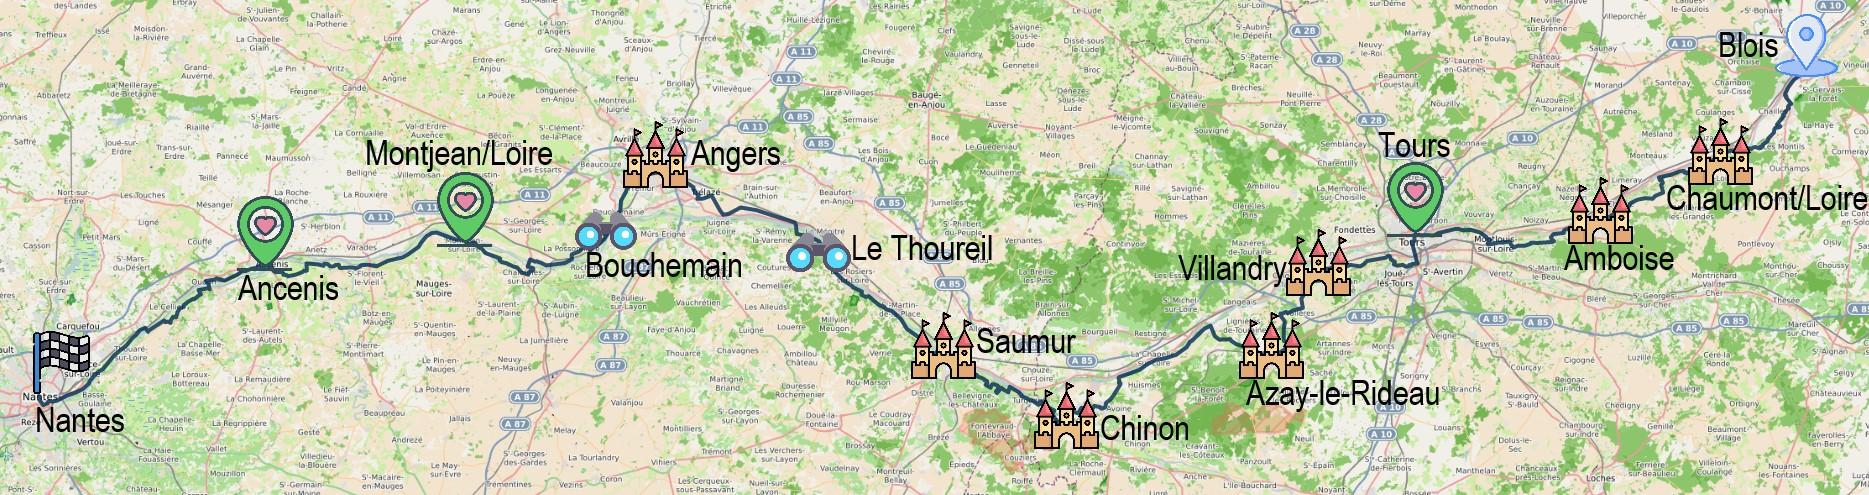 8 jours entre Blois et Nantes